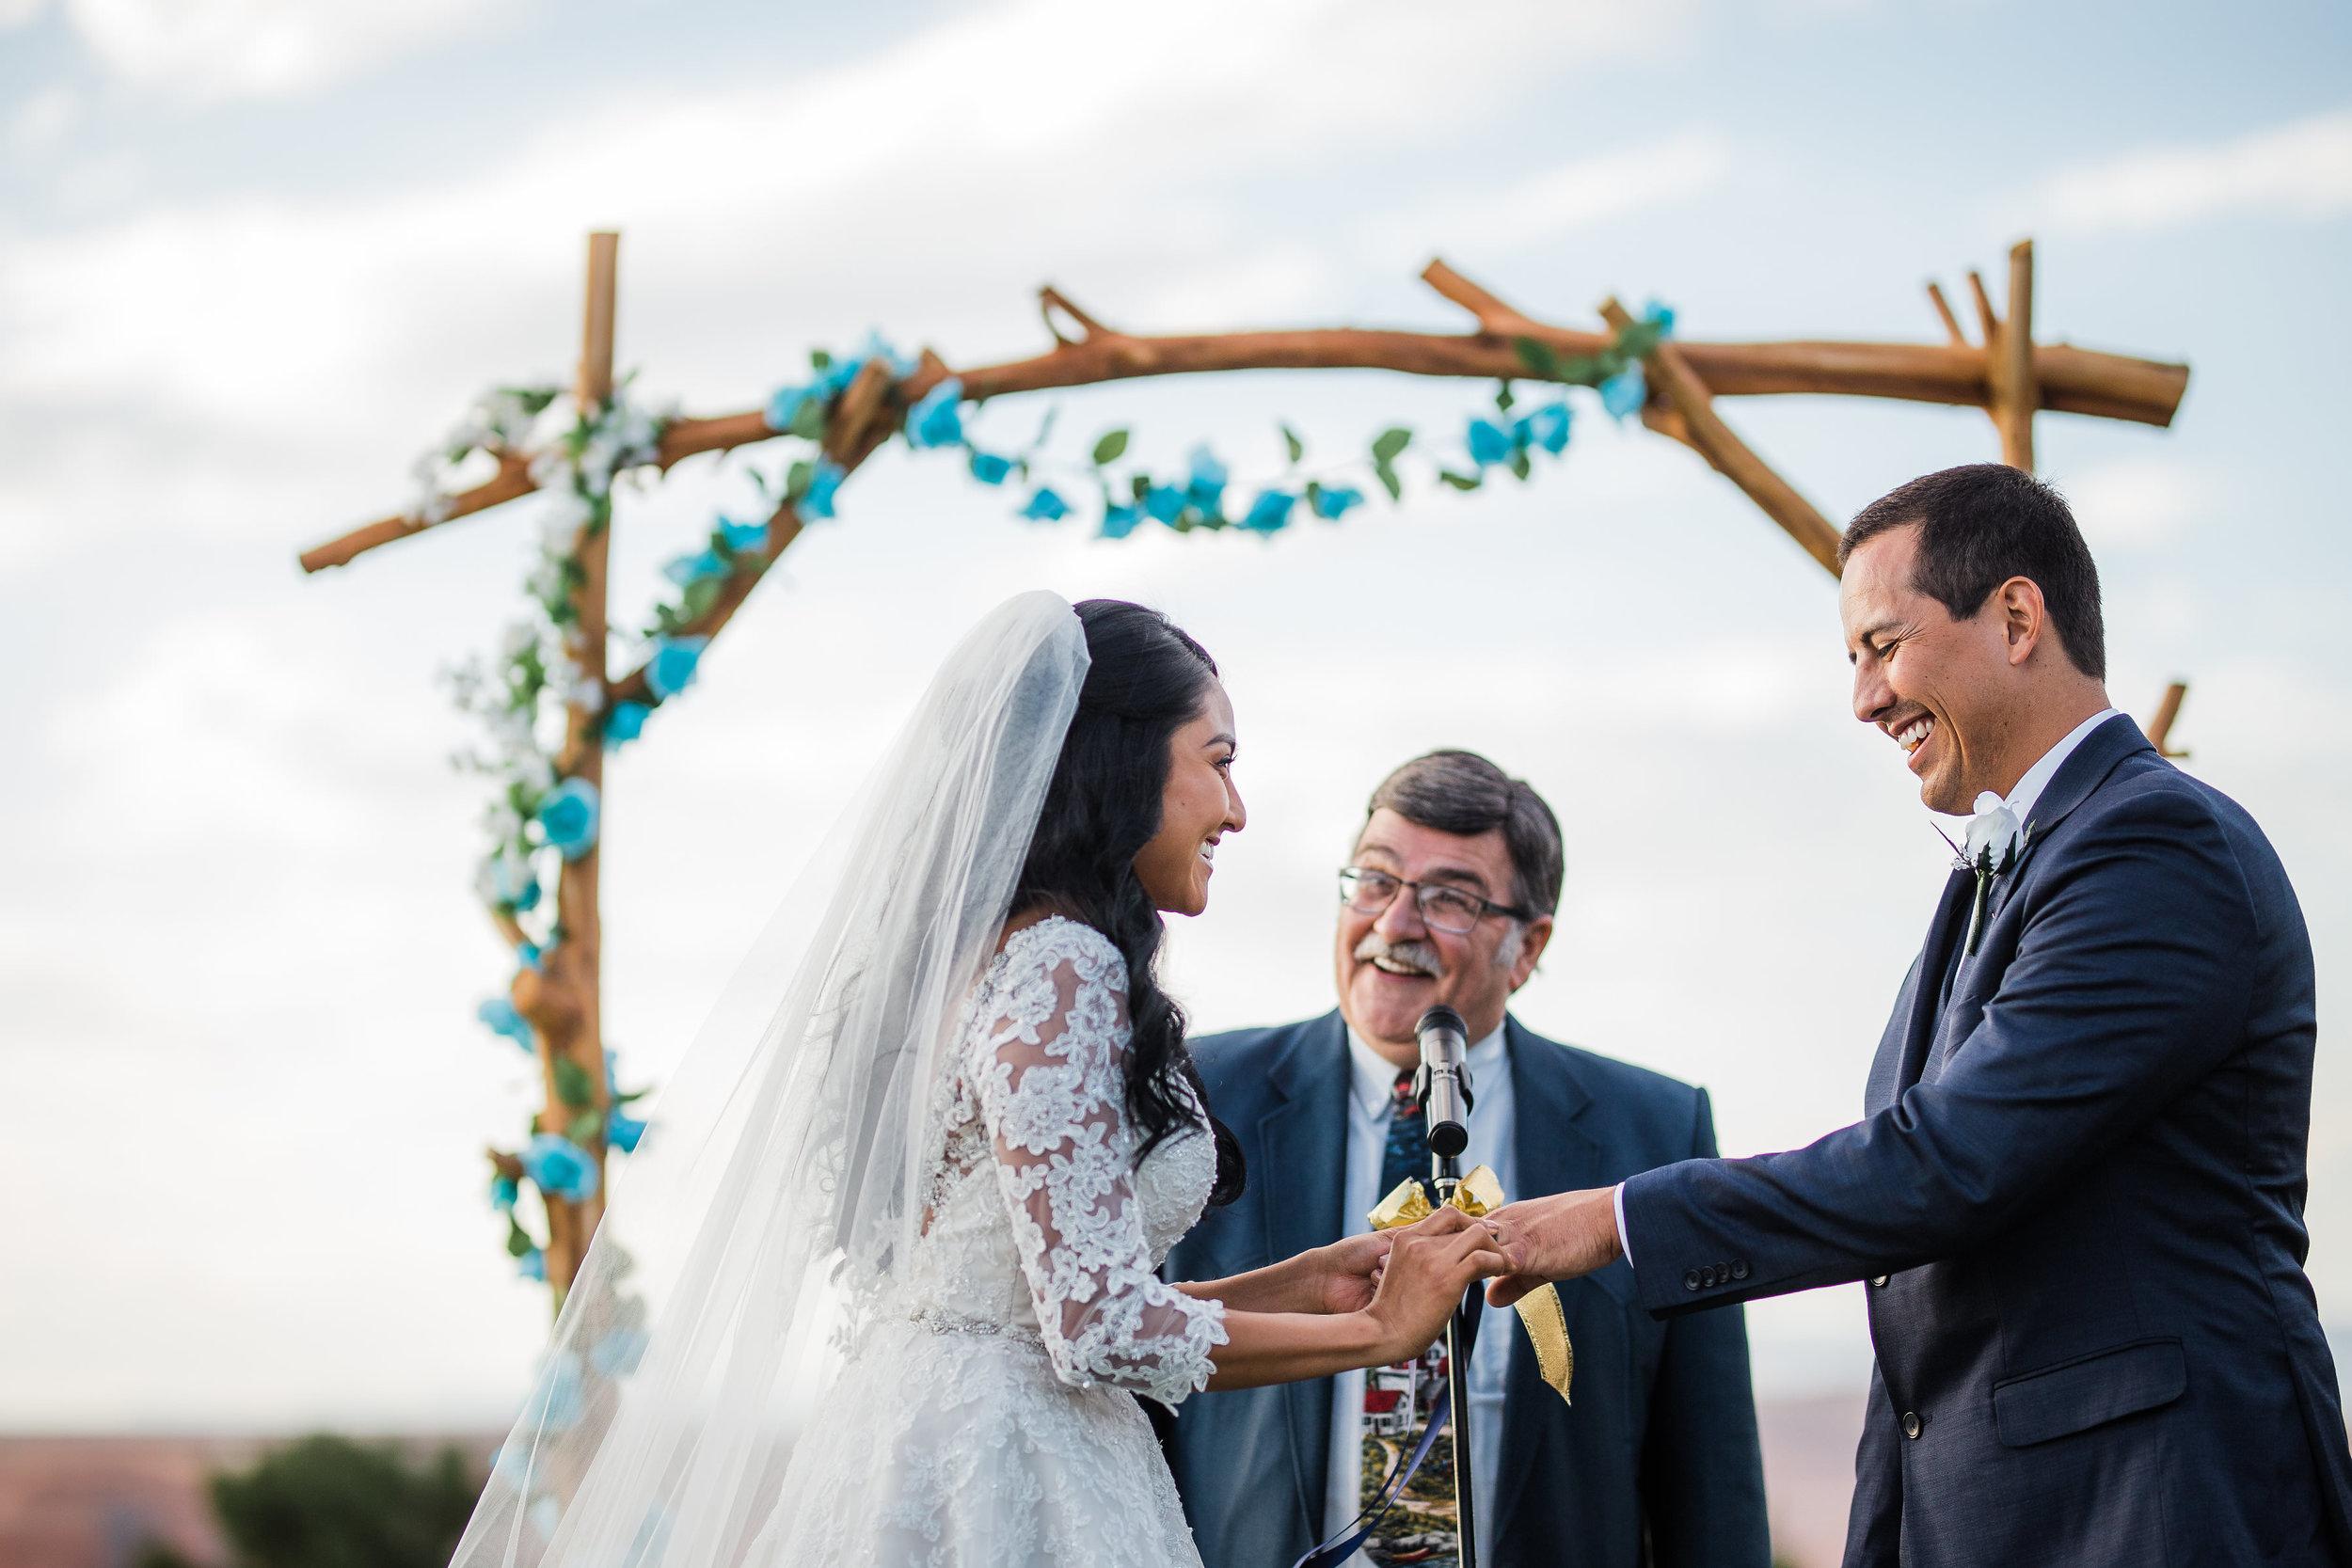 Wedding Couple Rings Ceremony